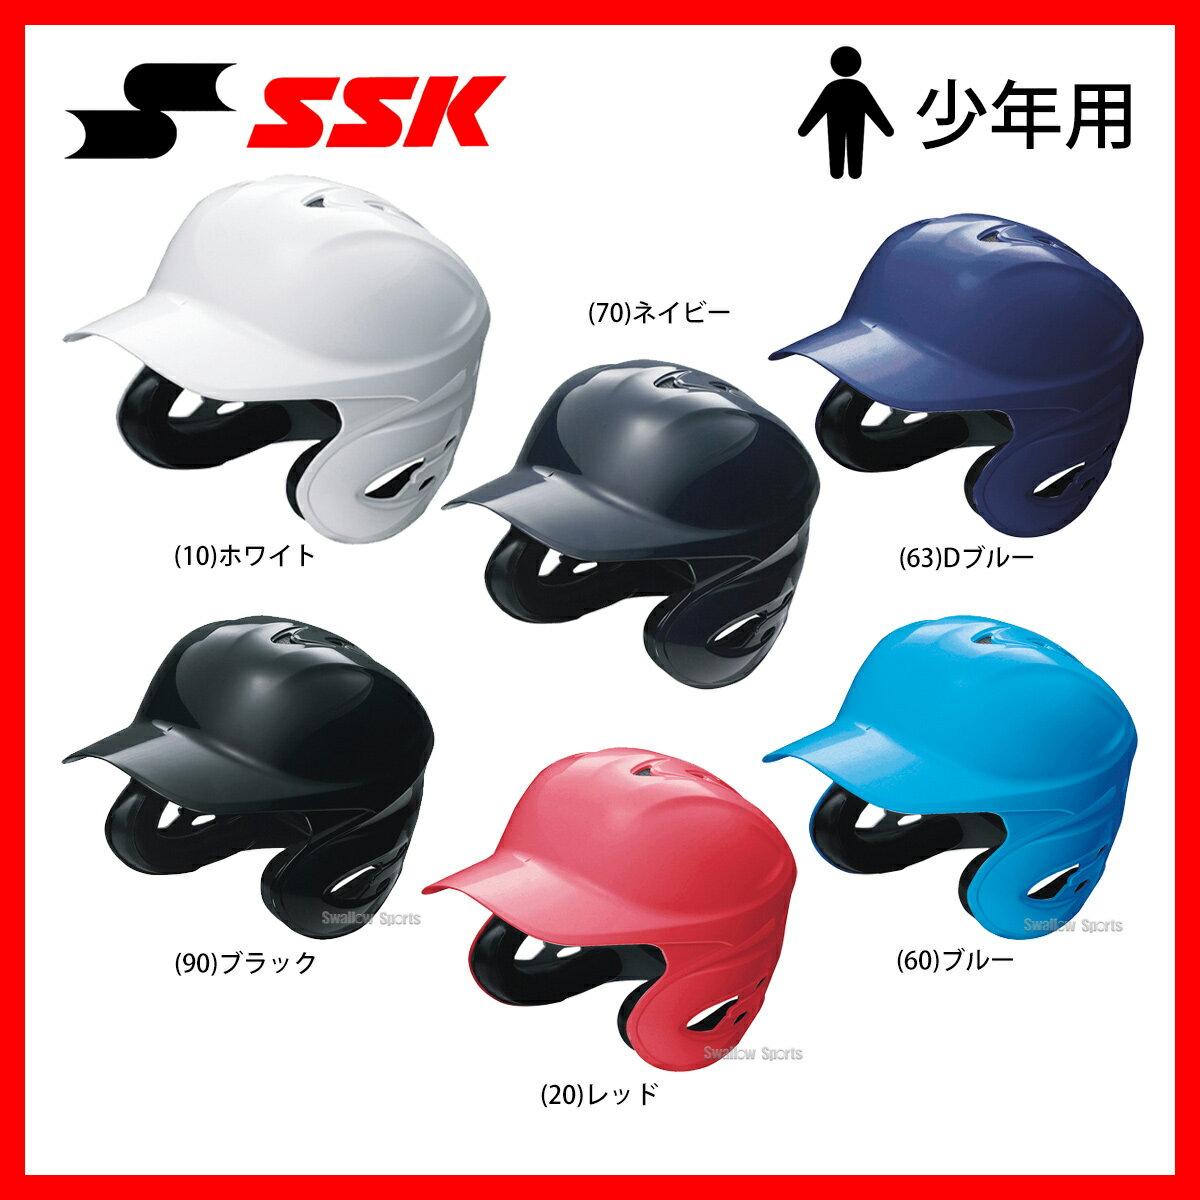 【あす楽対応】 SSK エスエスケイ 軟式 ジュニア 打者用 ヘルメット 両耳付き 少年用 H1000J ヘルメット 両耳 ssk 新入学 野球部 新入部員 野球用品 スワロースポーツ